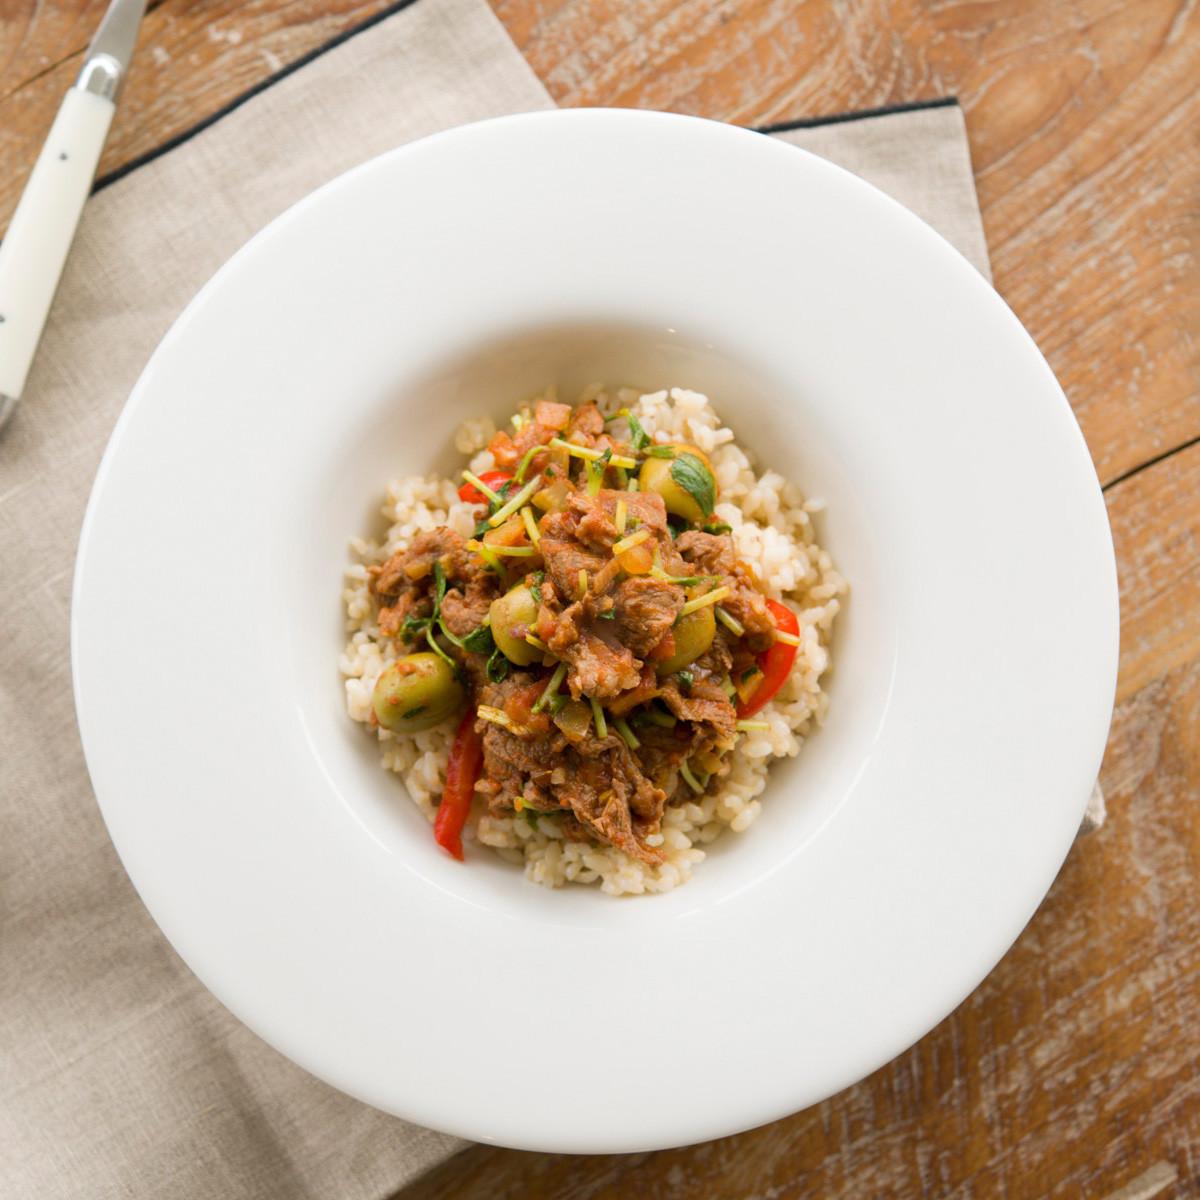 【ダイエットにもおすすめの食事やメニューは? Atsushi流レシピ】_豆苗+牛肉「豆苗メキシカン丼」